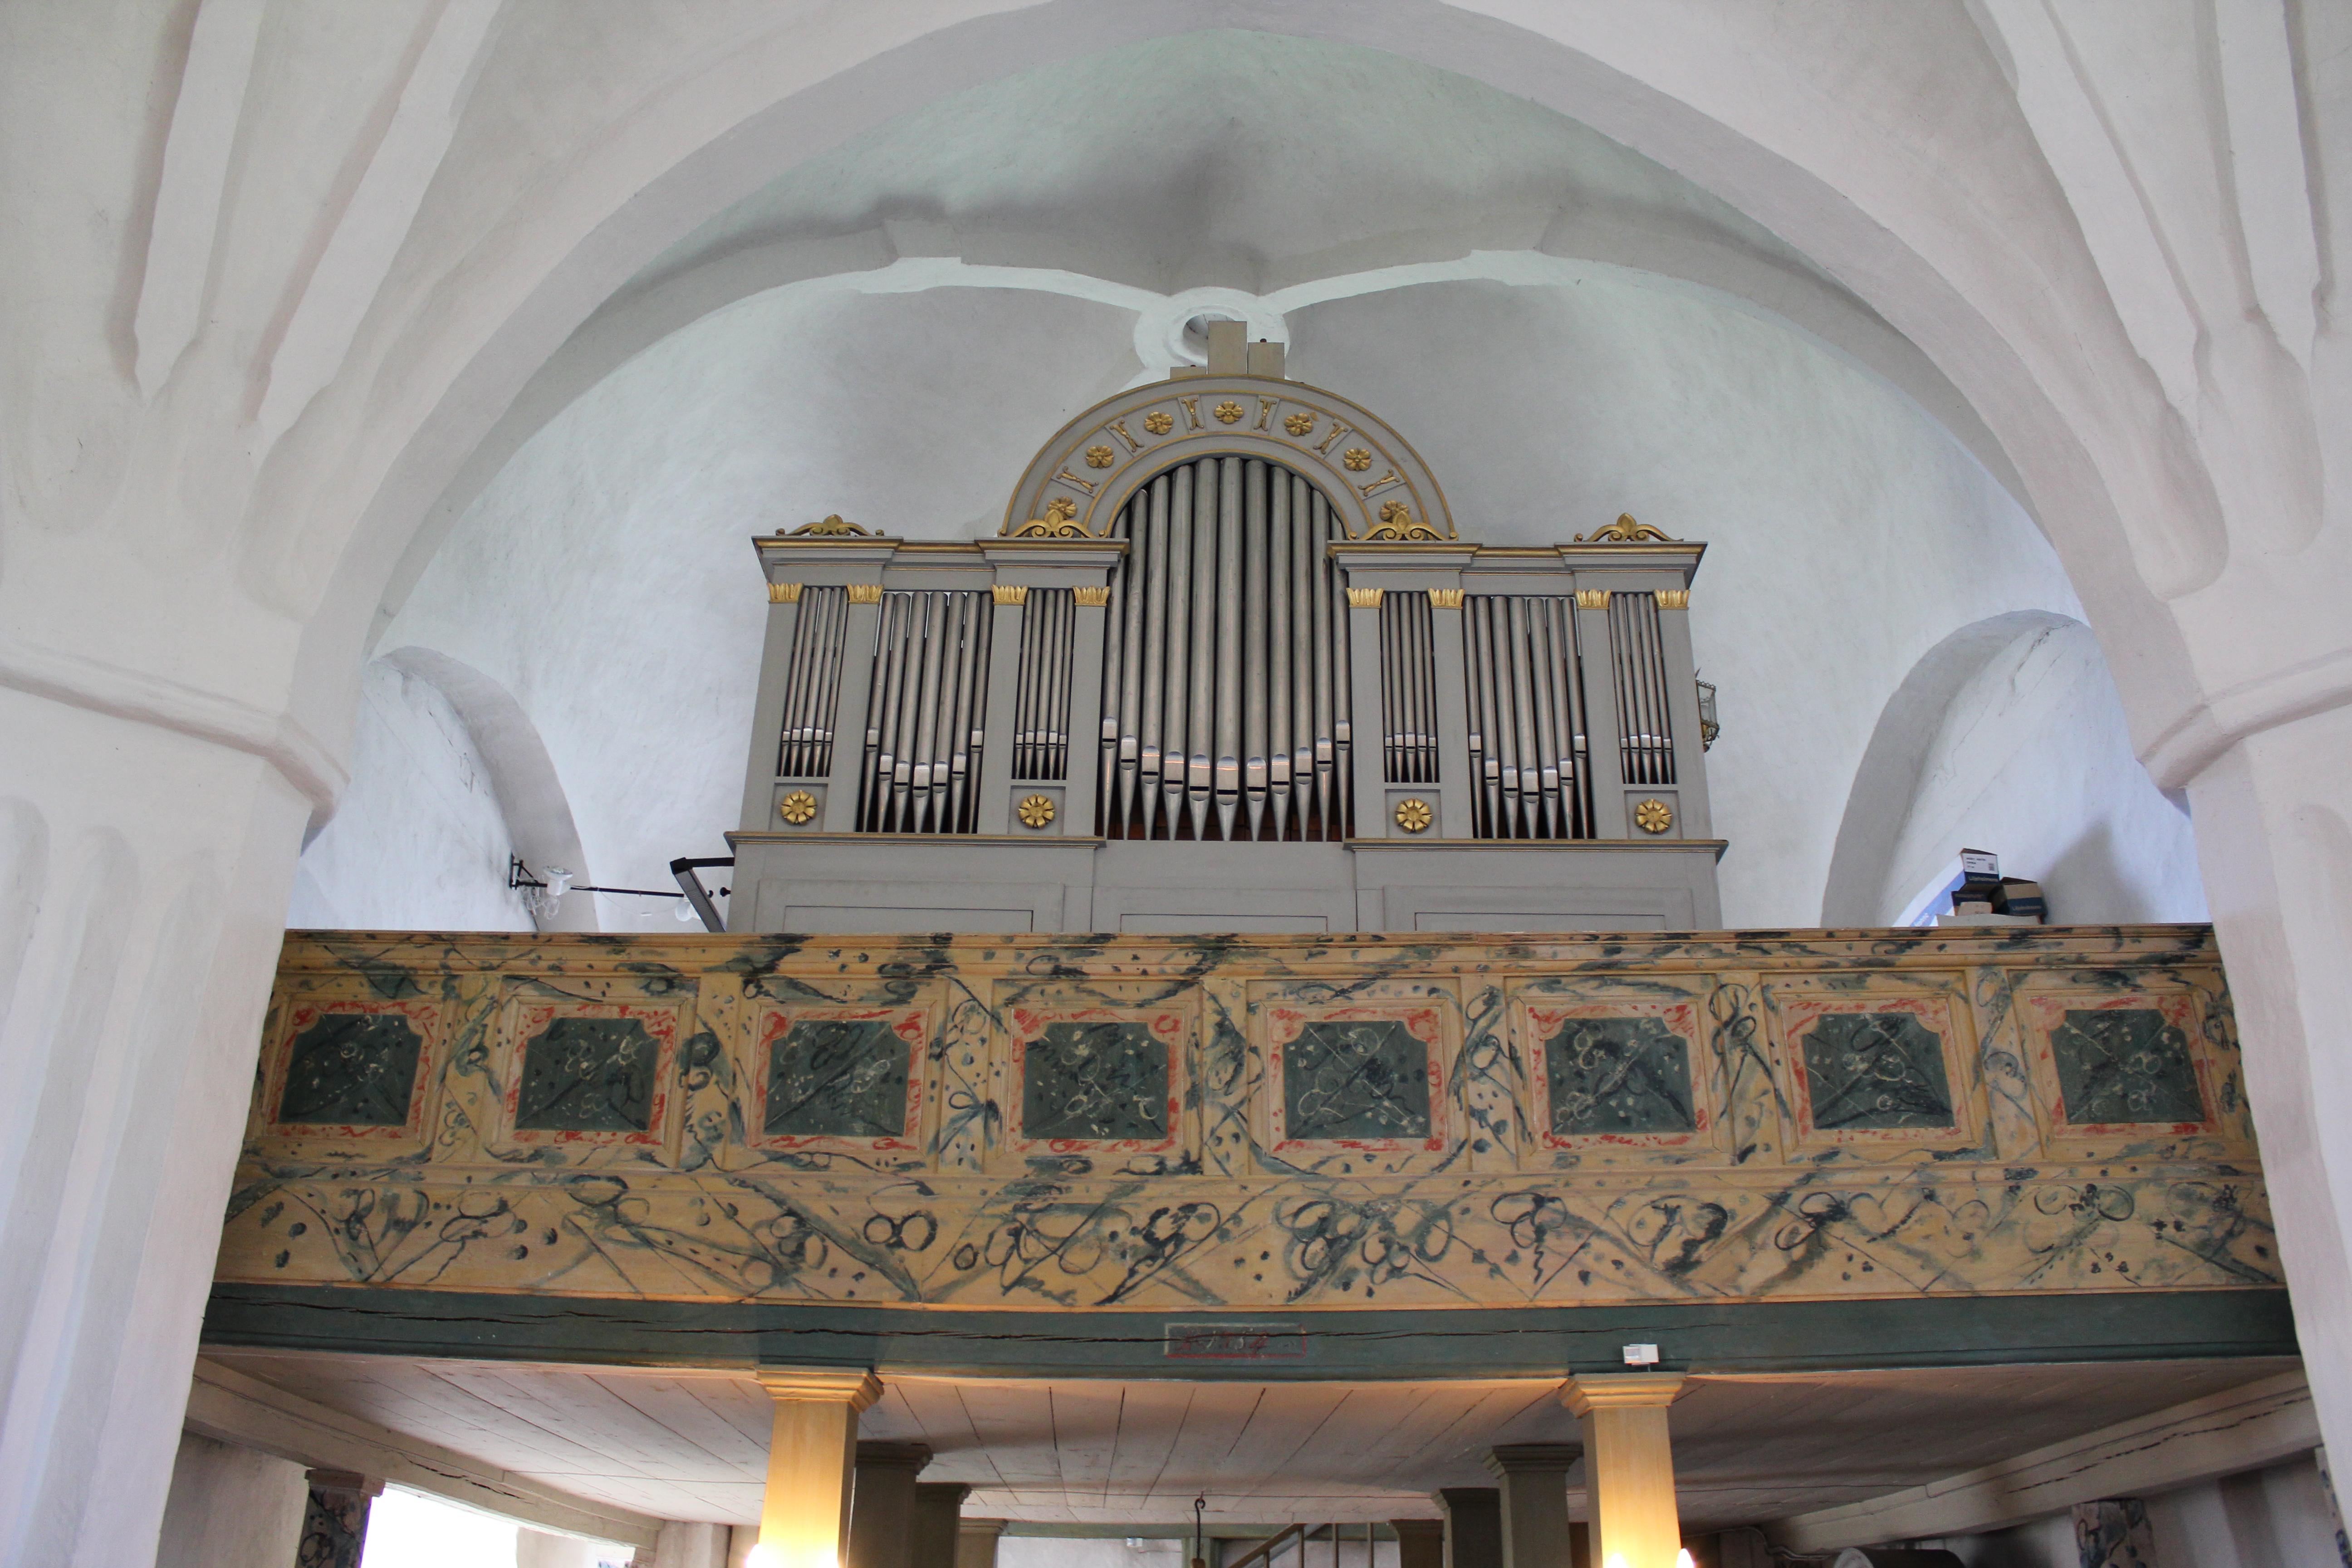 File:Boglsa kyrka, under unam.net - Wikimedia